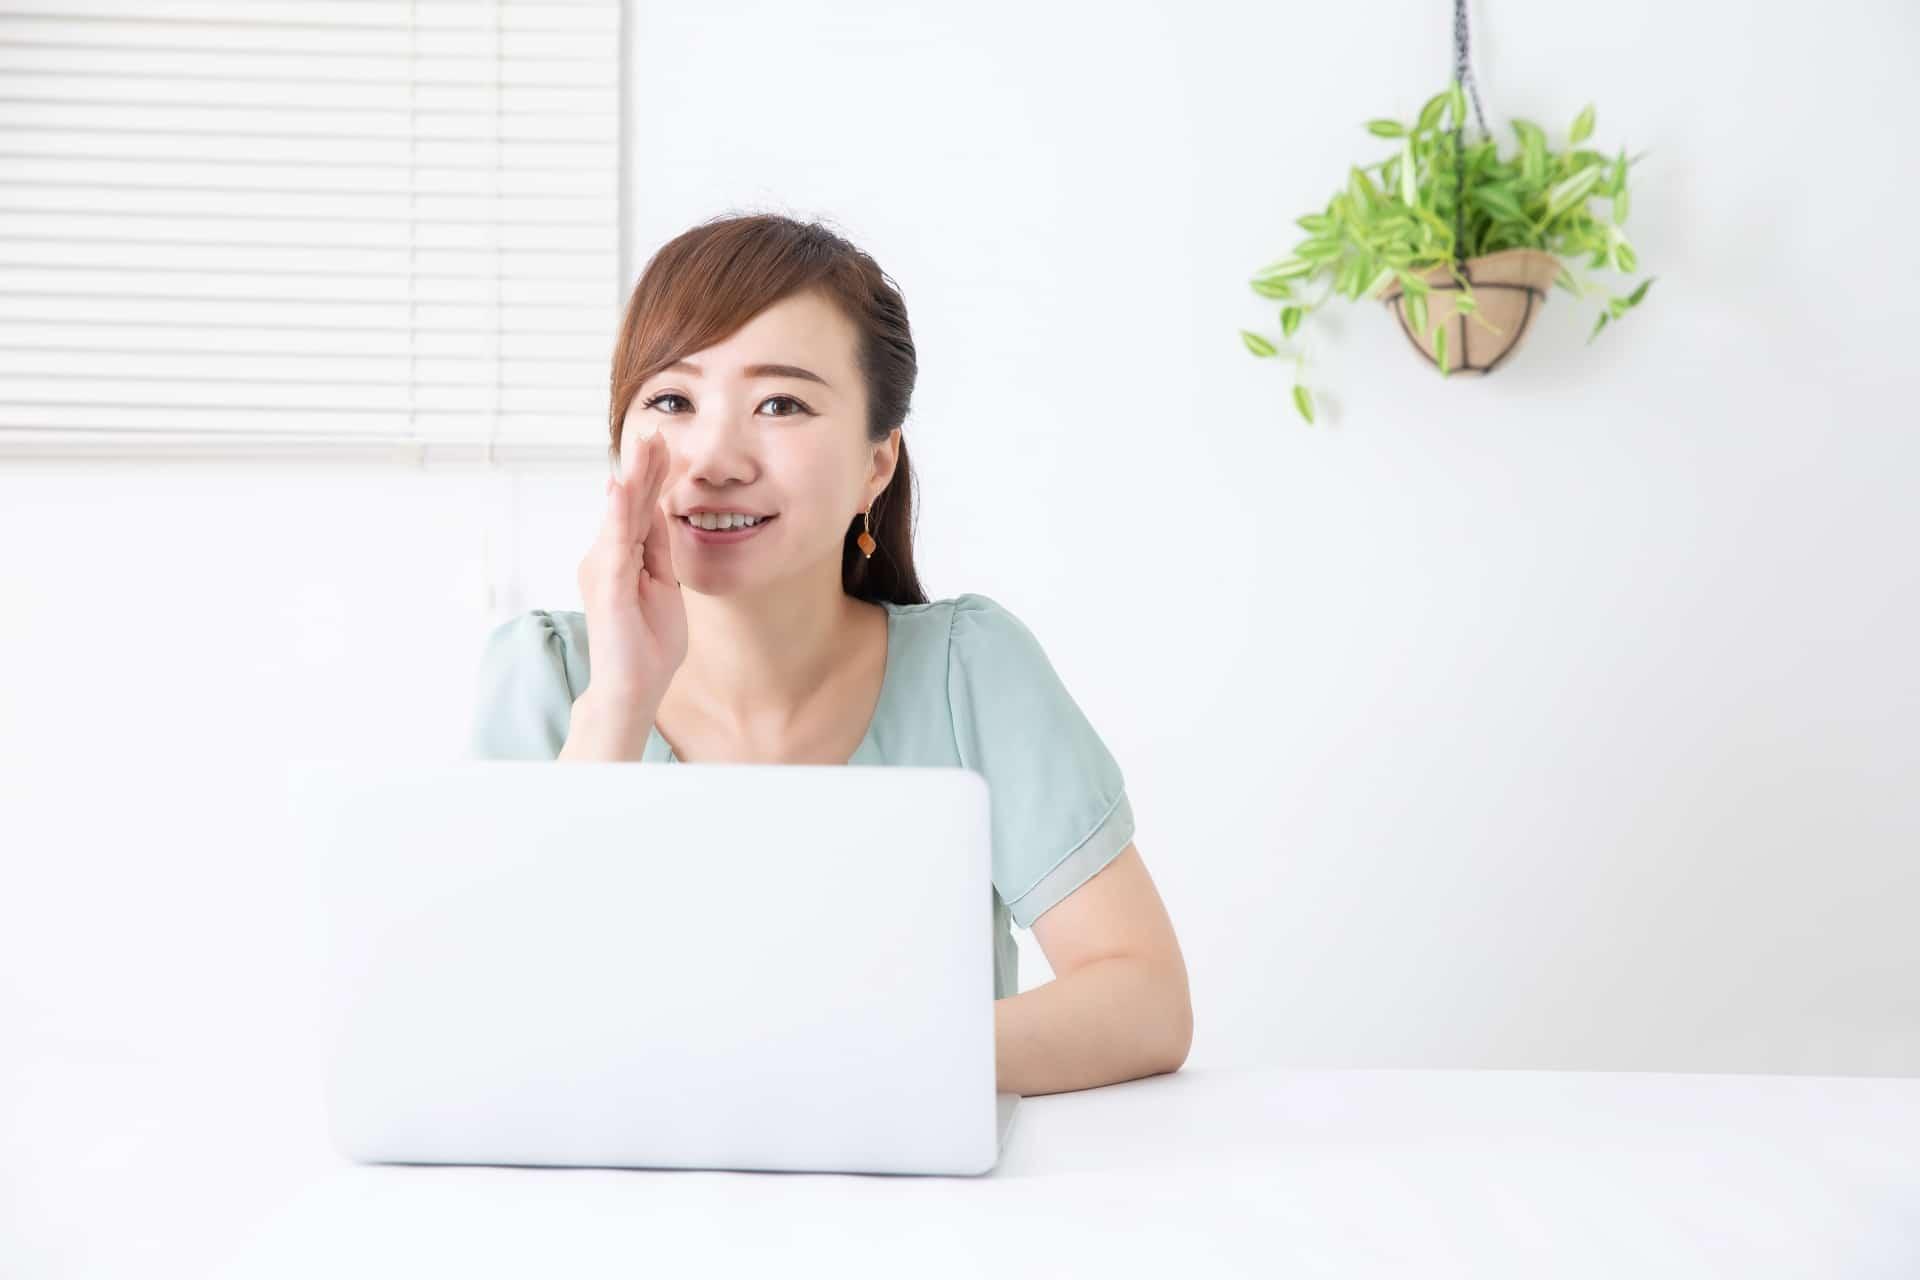 ノートパソコン、口に手を当てる女性